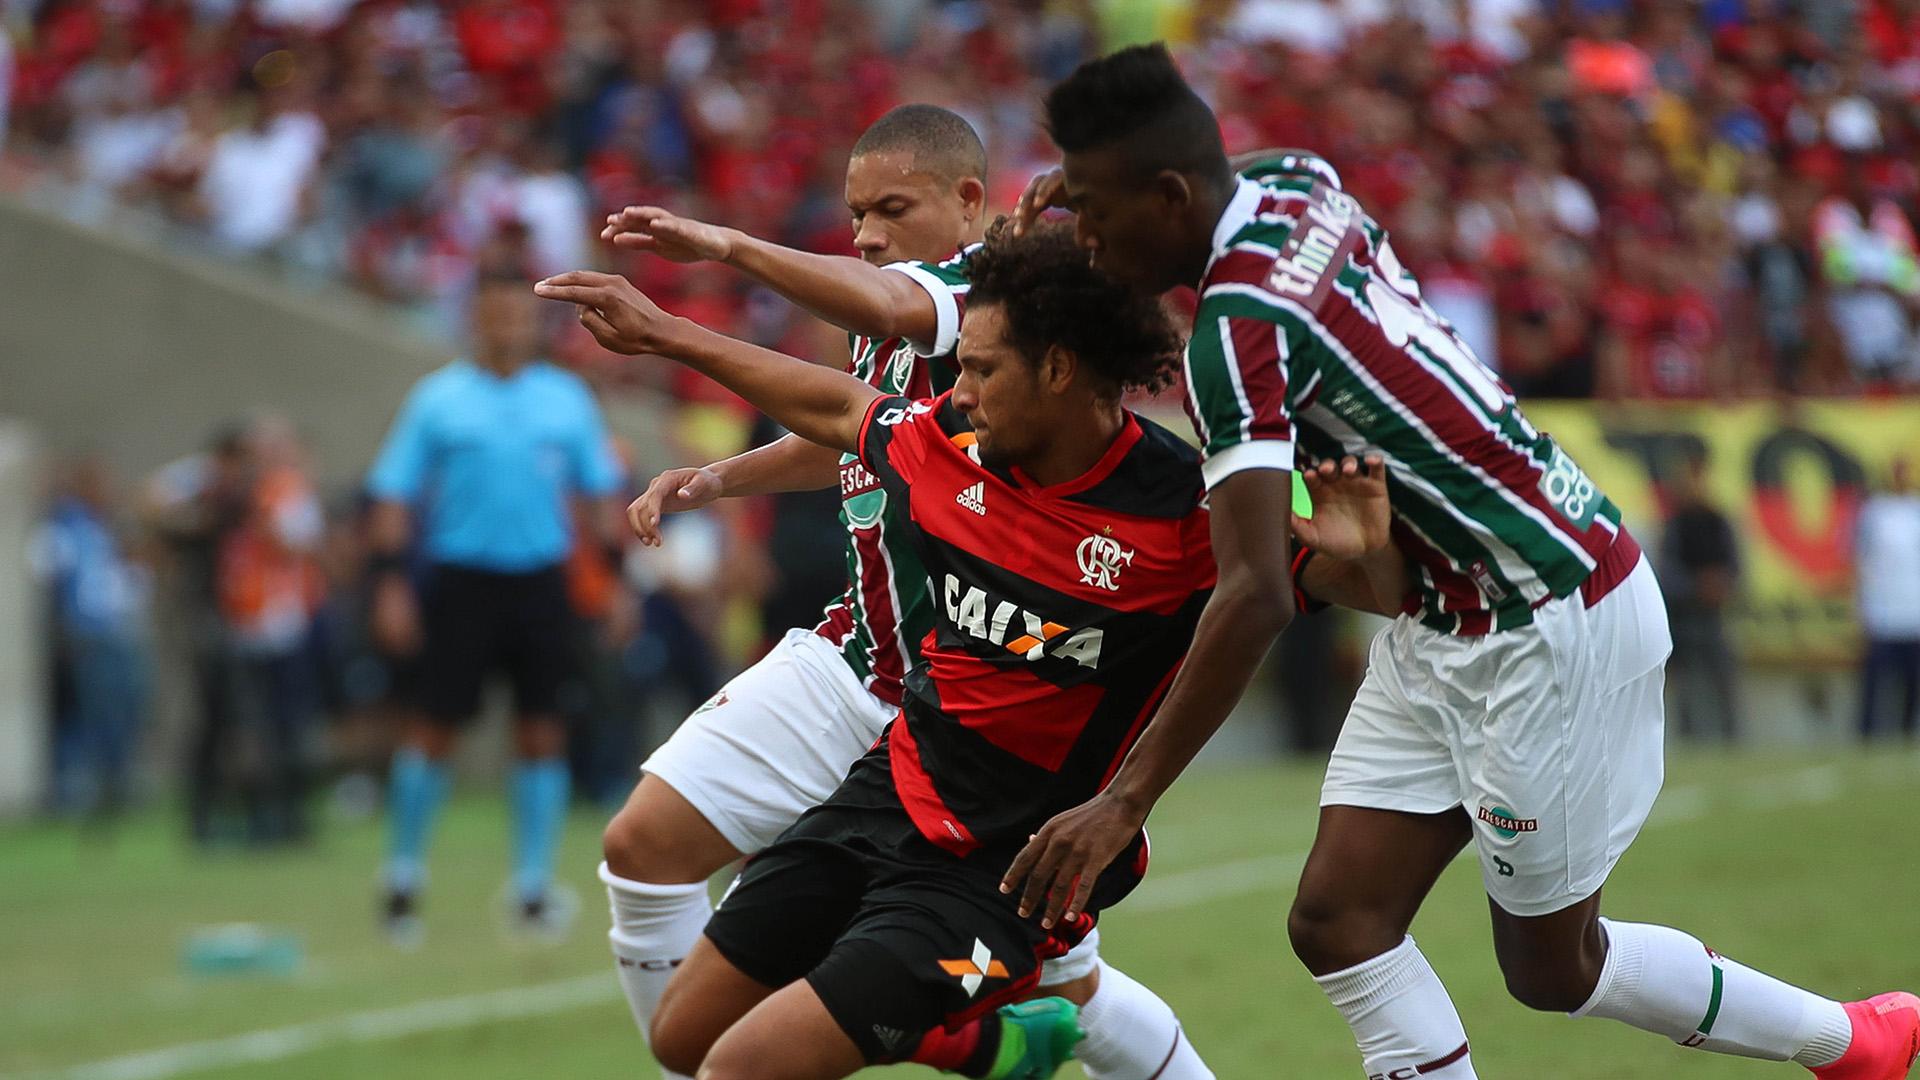 Wellington Willian Arao Fluminense Flamengo Carioca 30042017